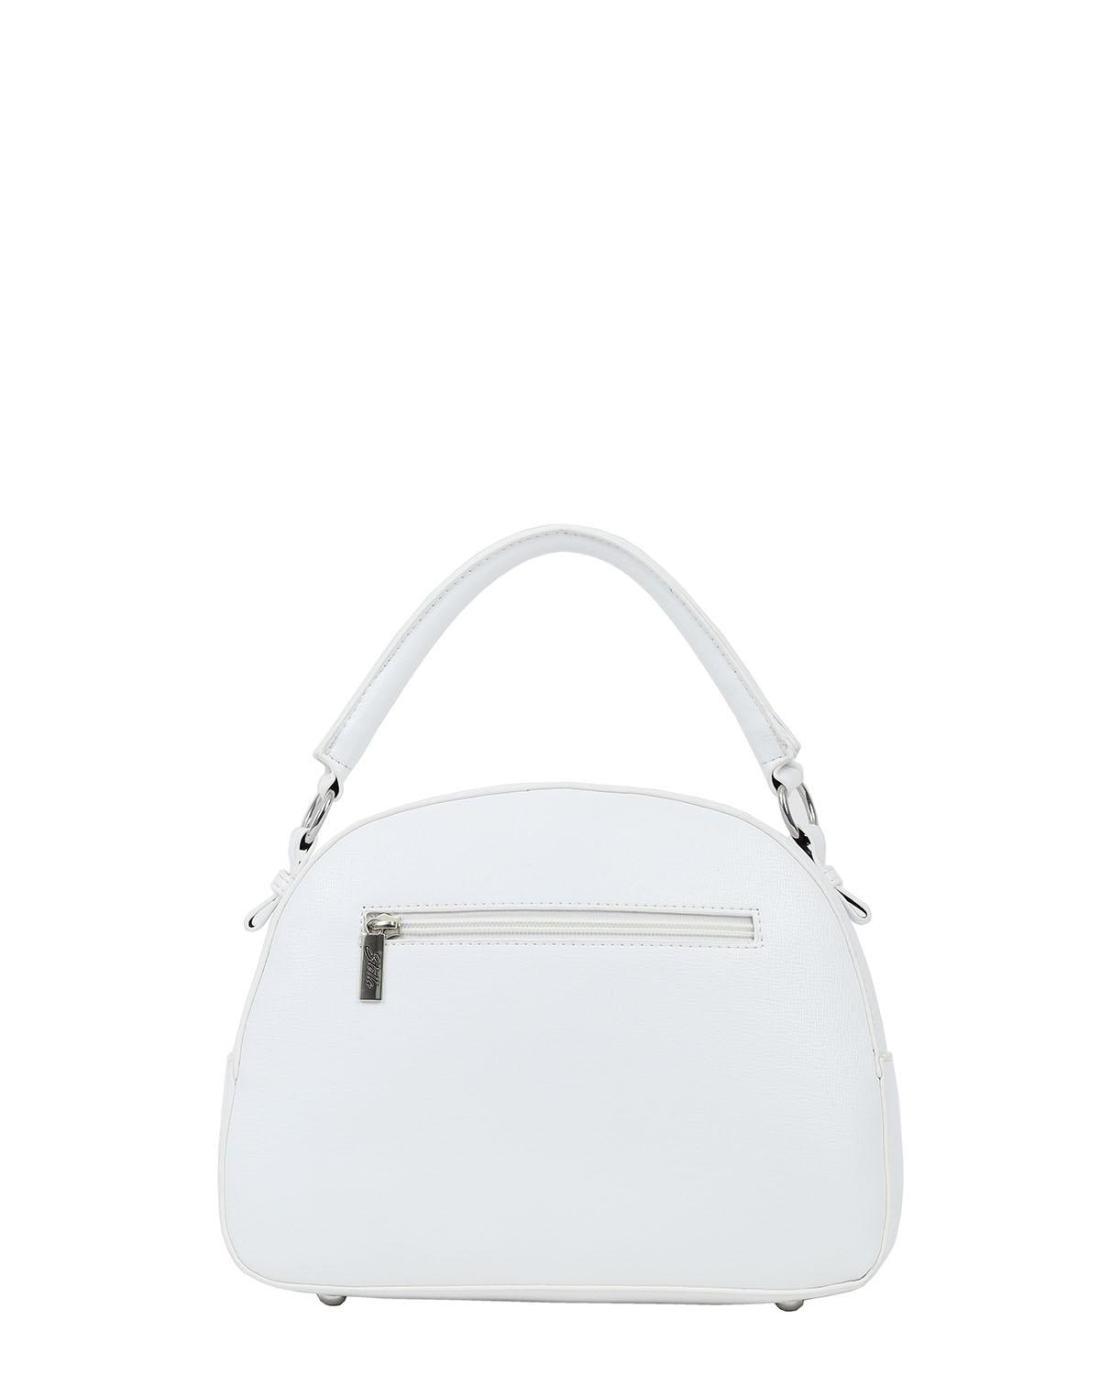 Καθημερινή τσάντα χειρός άσπρη